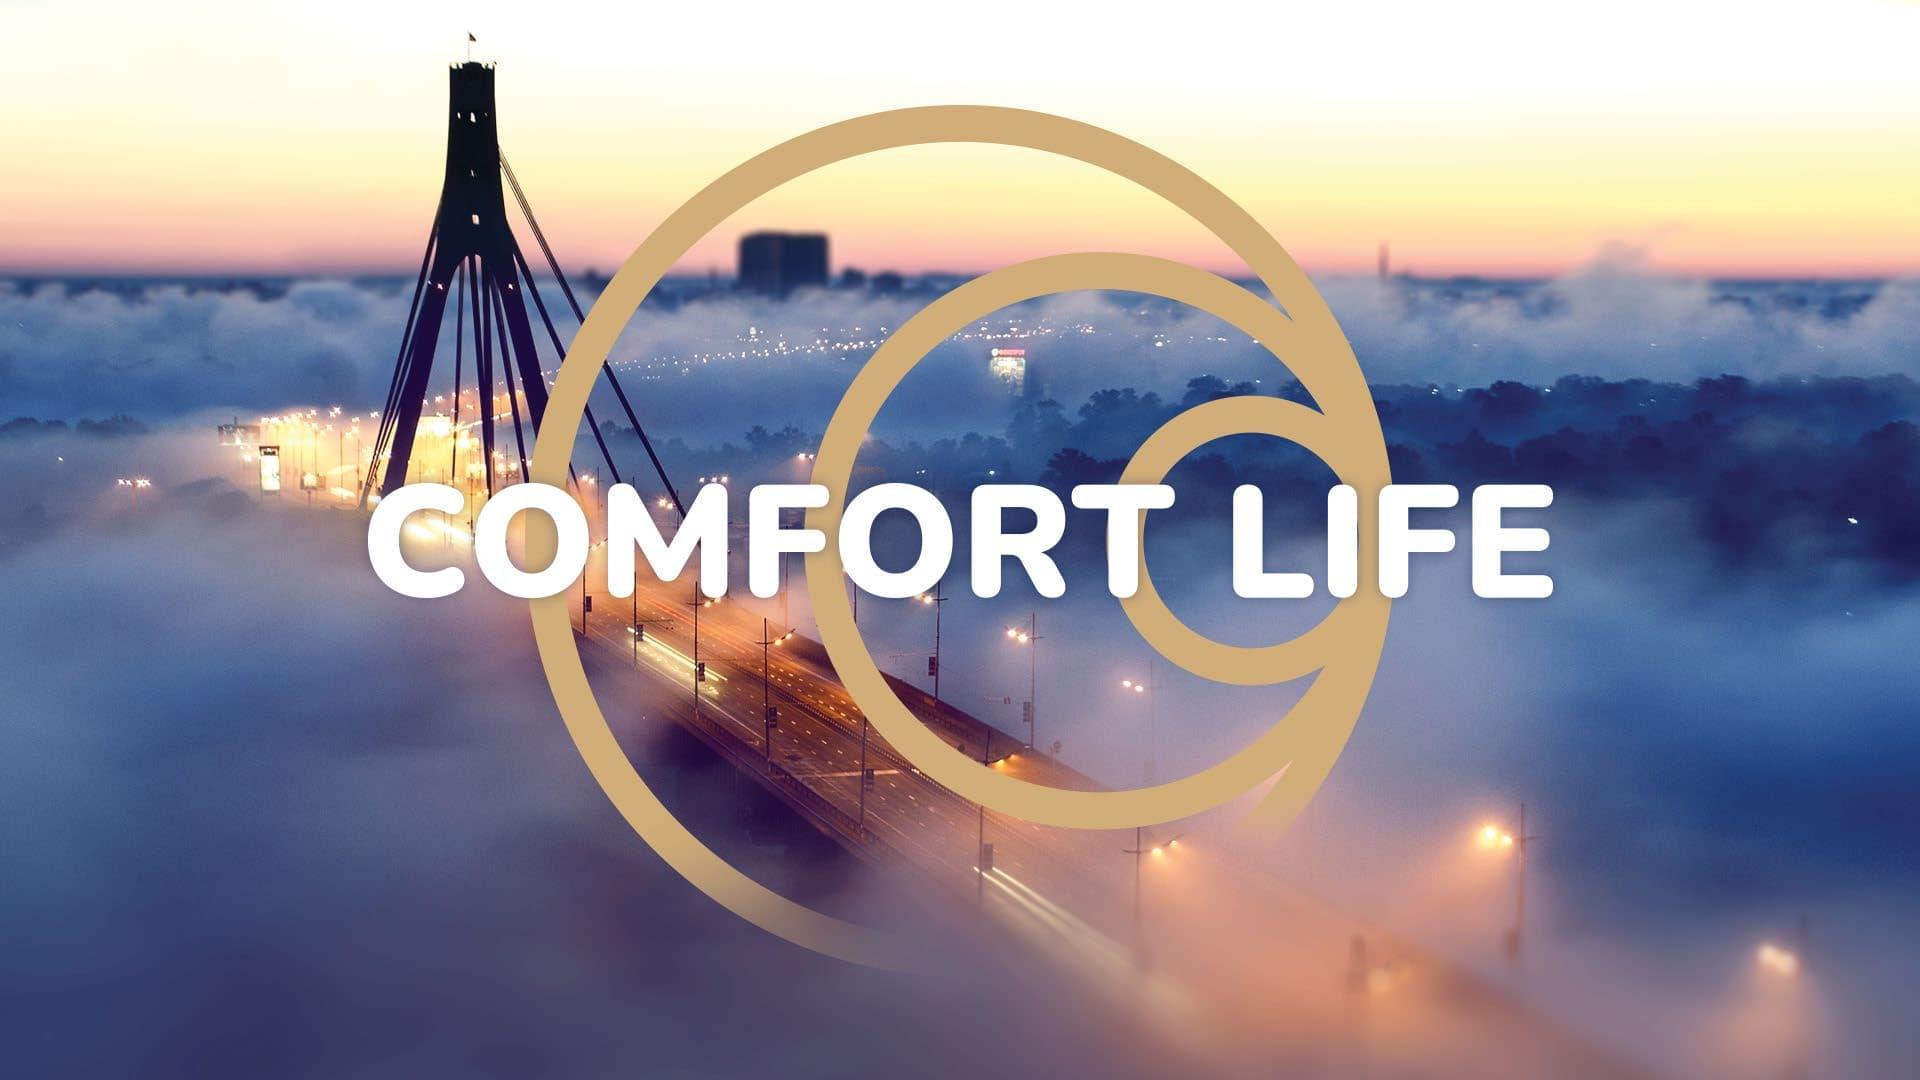 Курс на функціональність: компанія Comfort Life Development змінює логотип